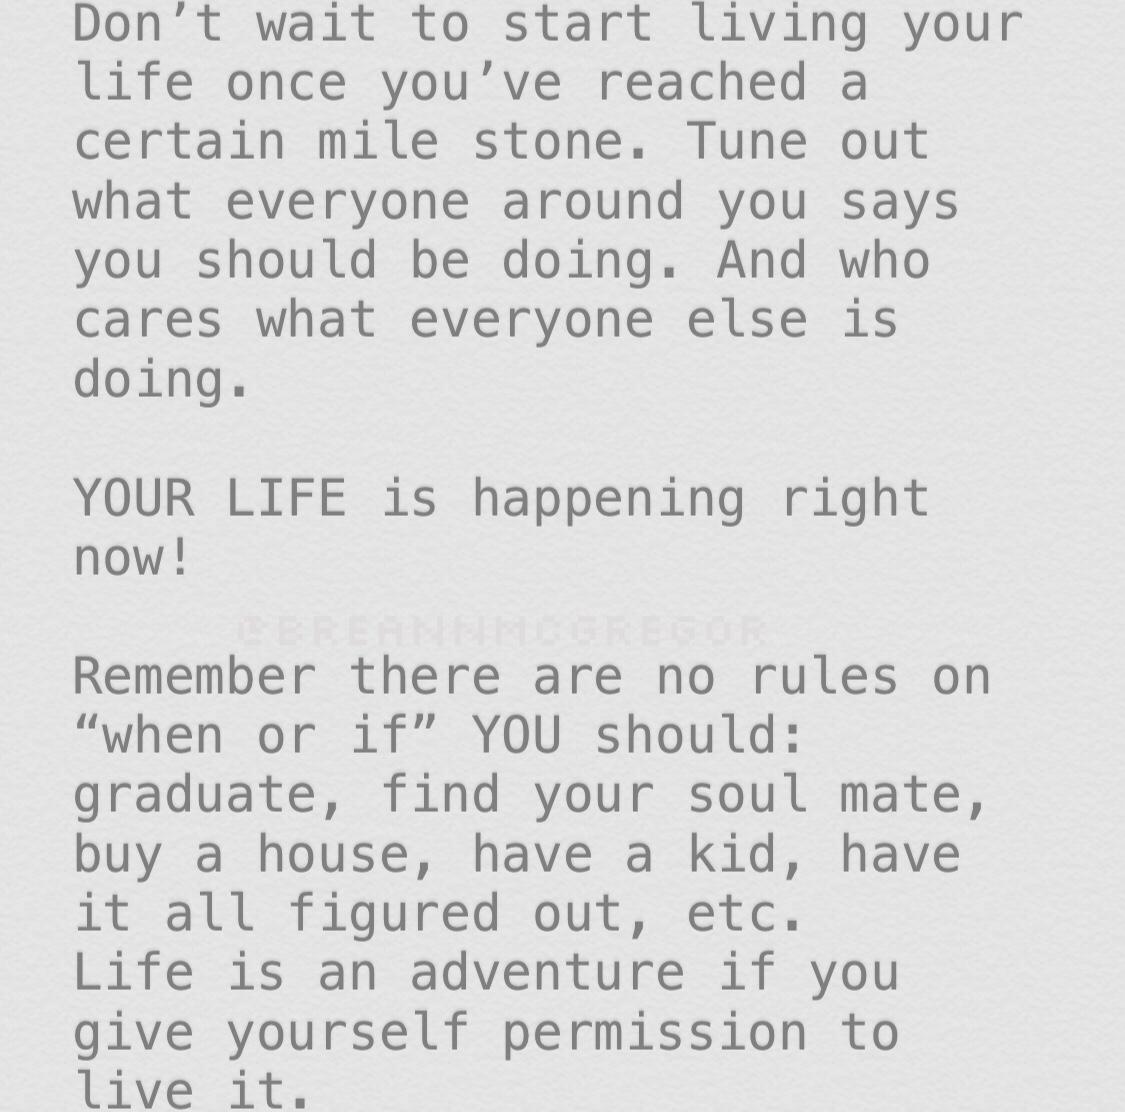 Don't Wait To Start Living